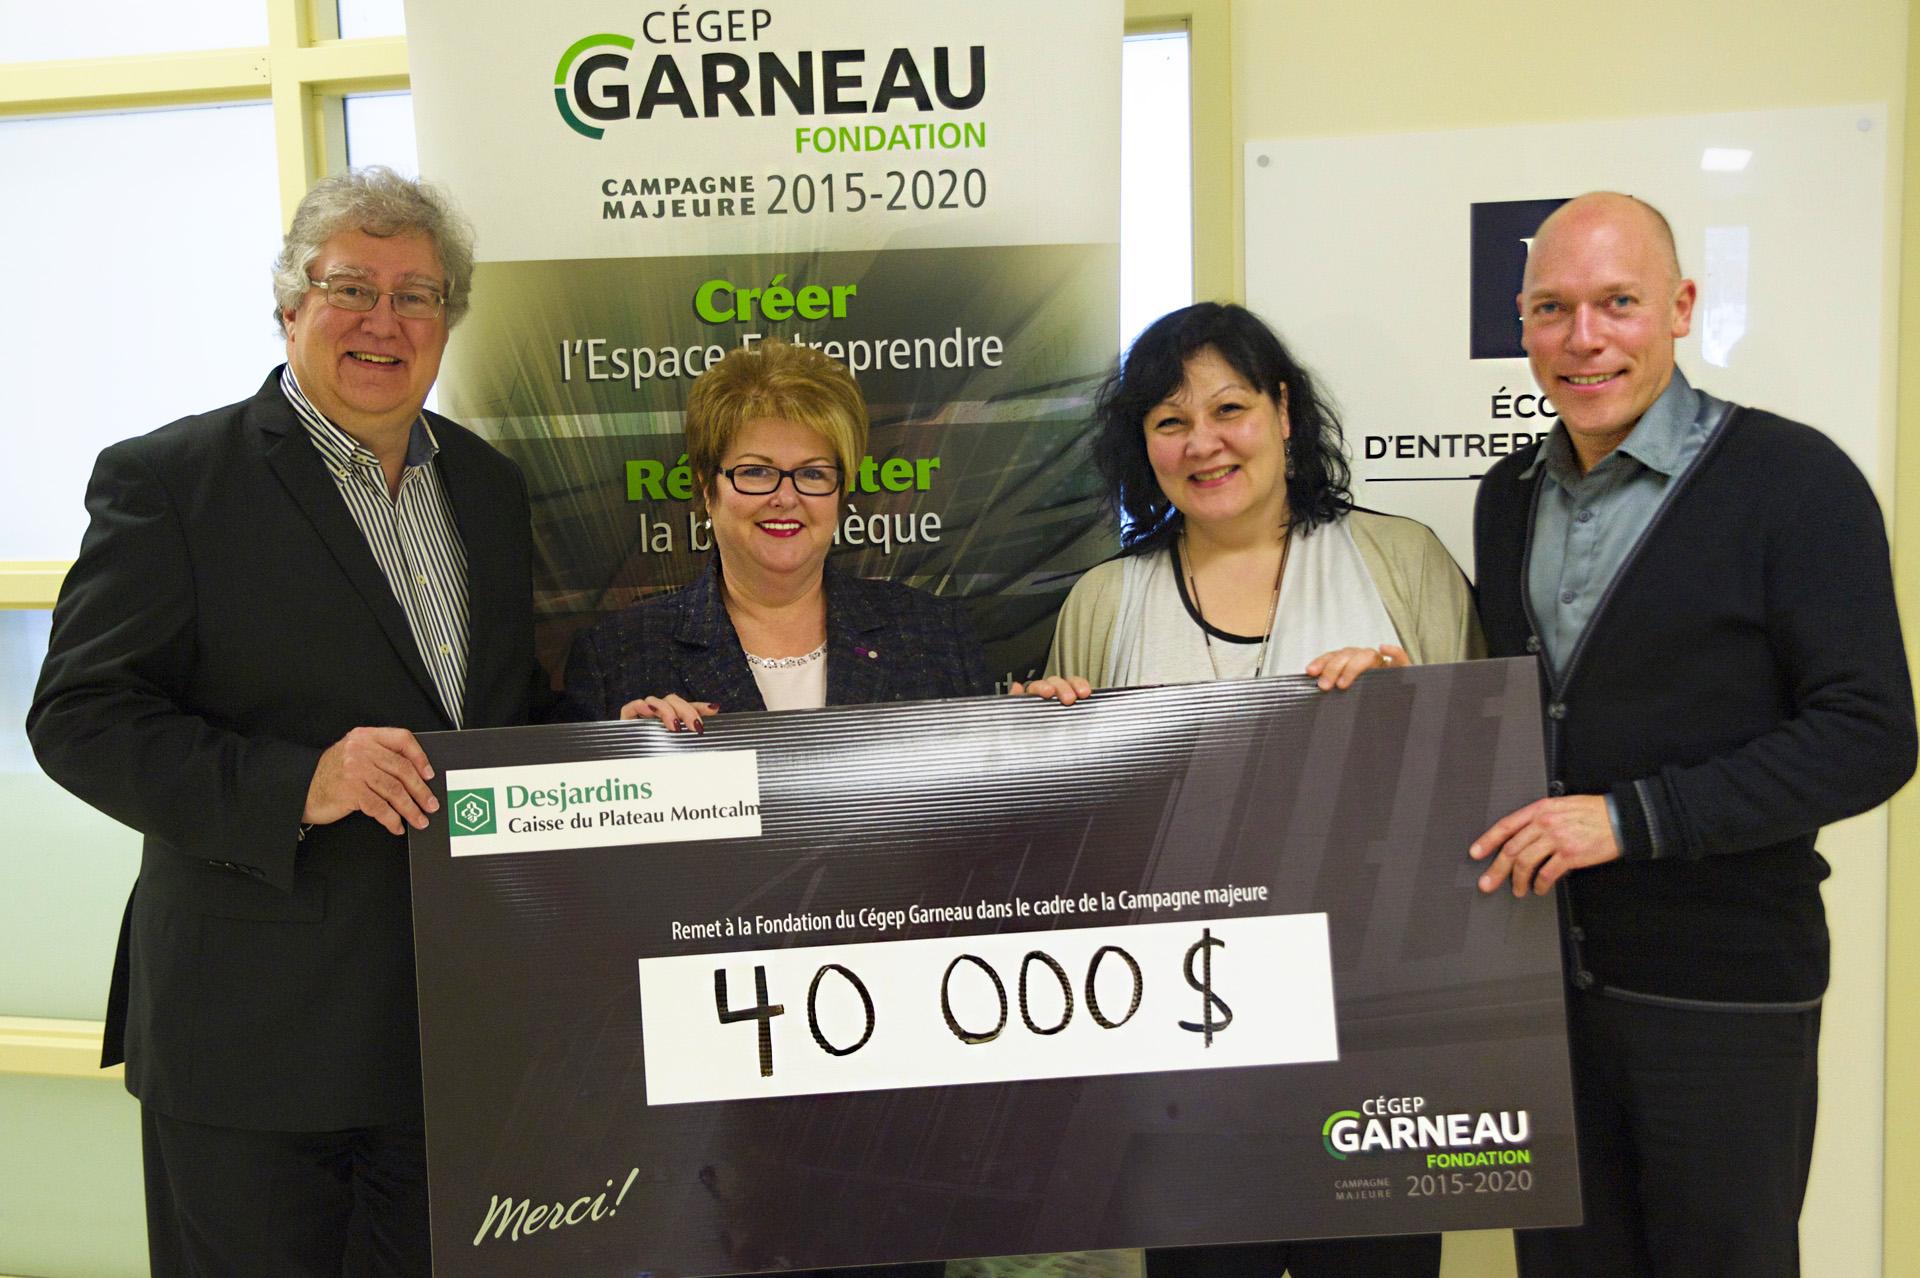 Quatre personnes tenant le chèque remis à la Fondation du Cégep Garneau